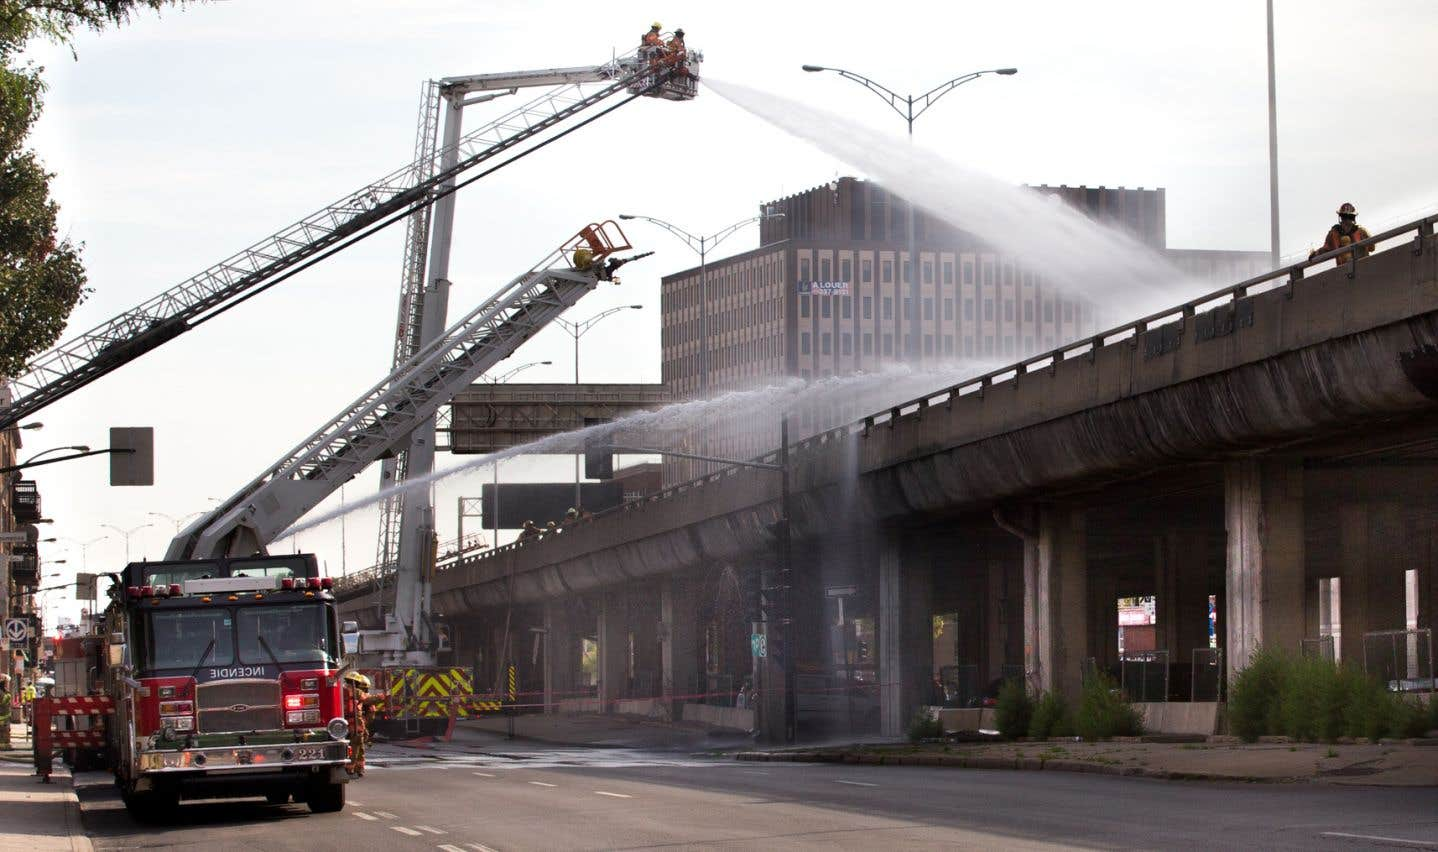 En août 2016, un camionneur a été brûlé vif sur l'autoroute Métropolitaine à Montréal. Le camion-citerne de la société Bombardier s'était immobilisé à la suite du déclenchement inopiné de son dispositif d'interverrouillage, rappelle l'auteur.